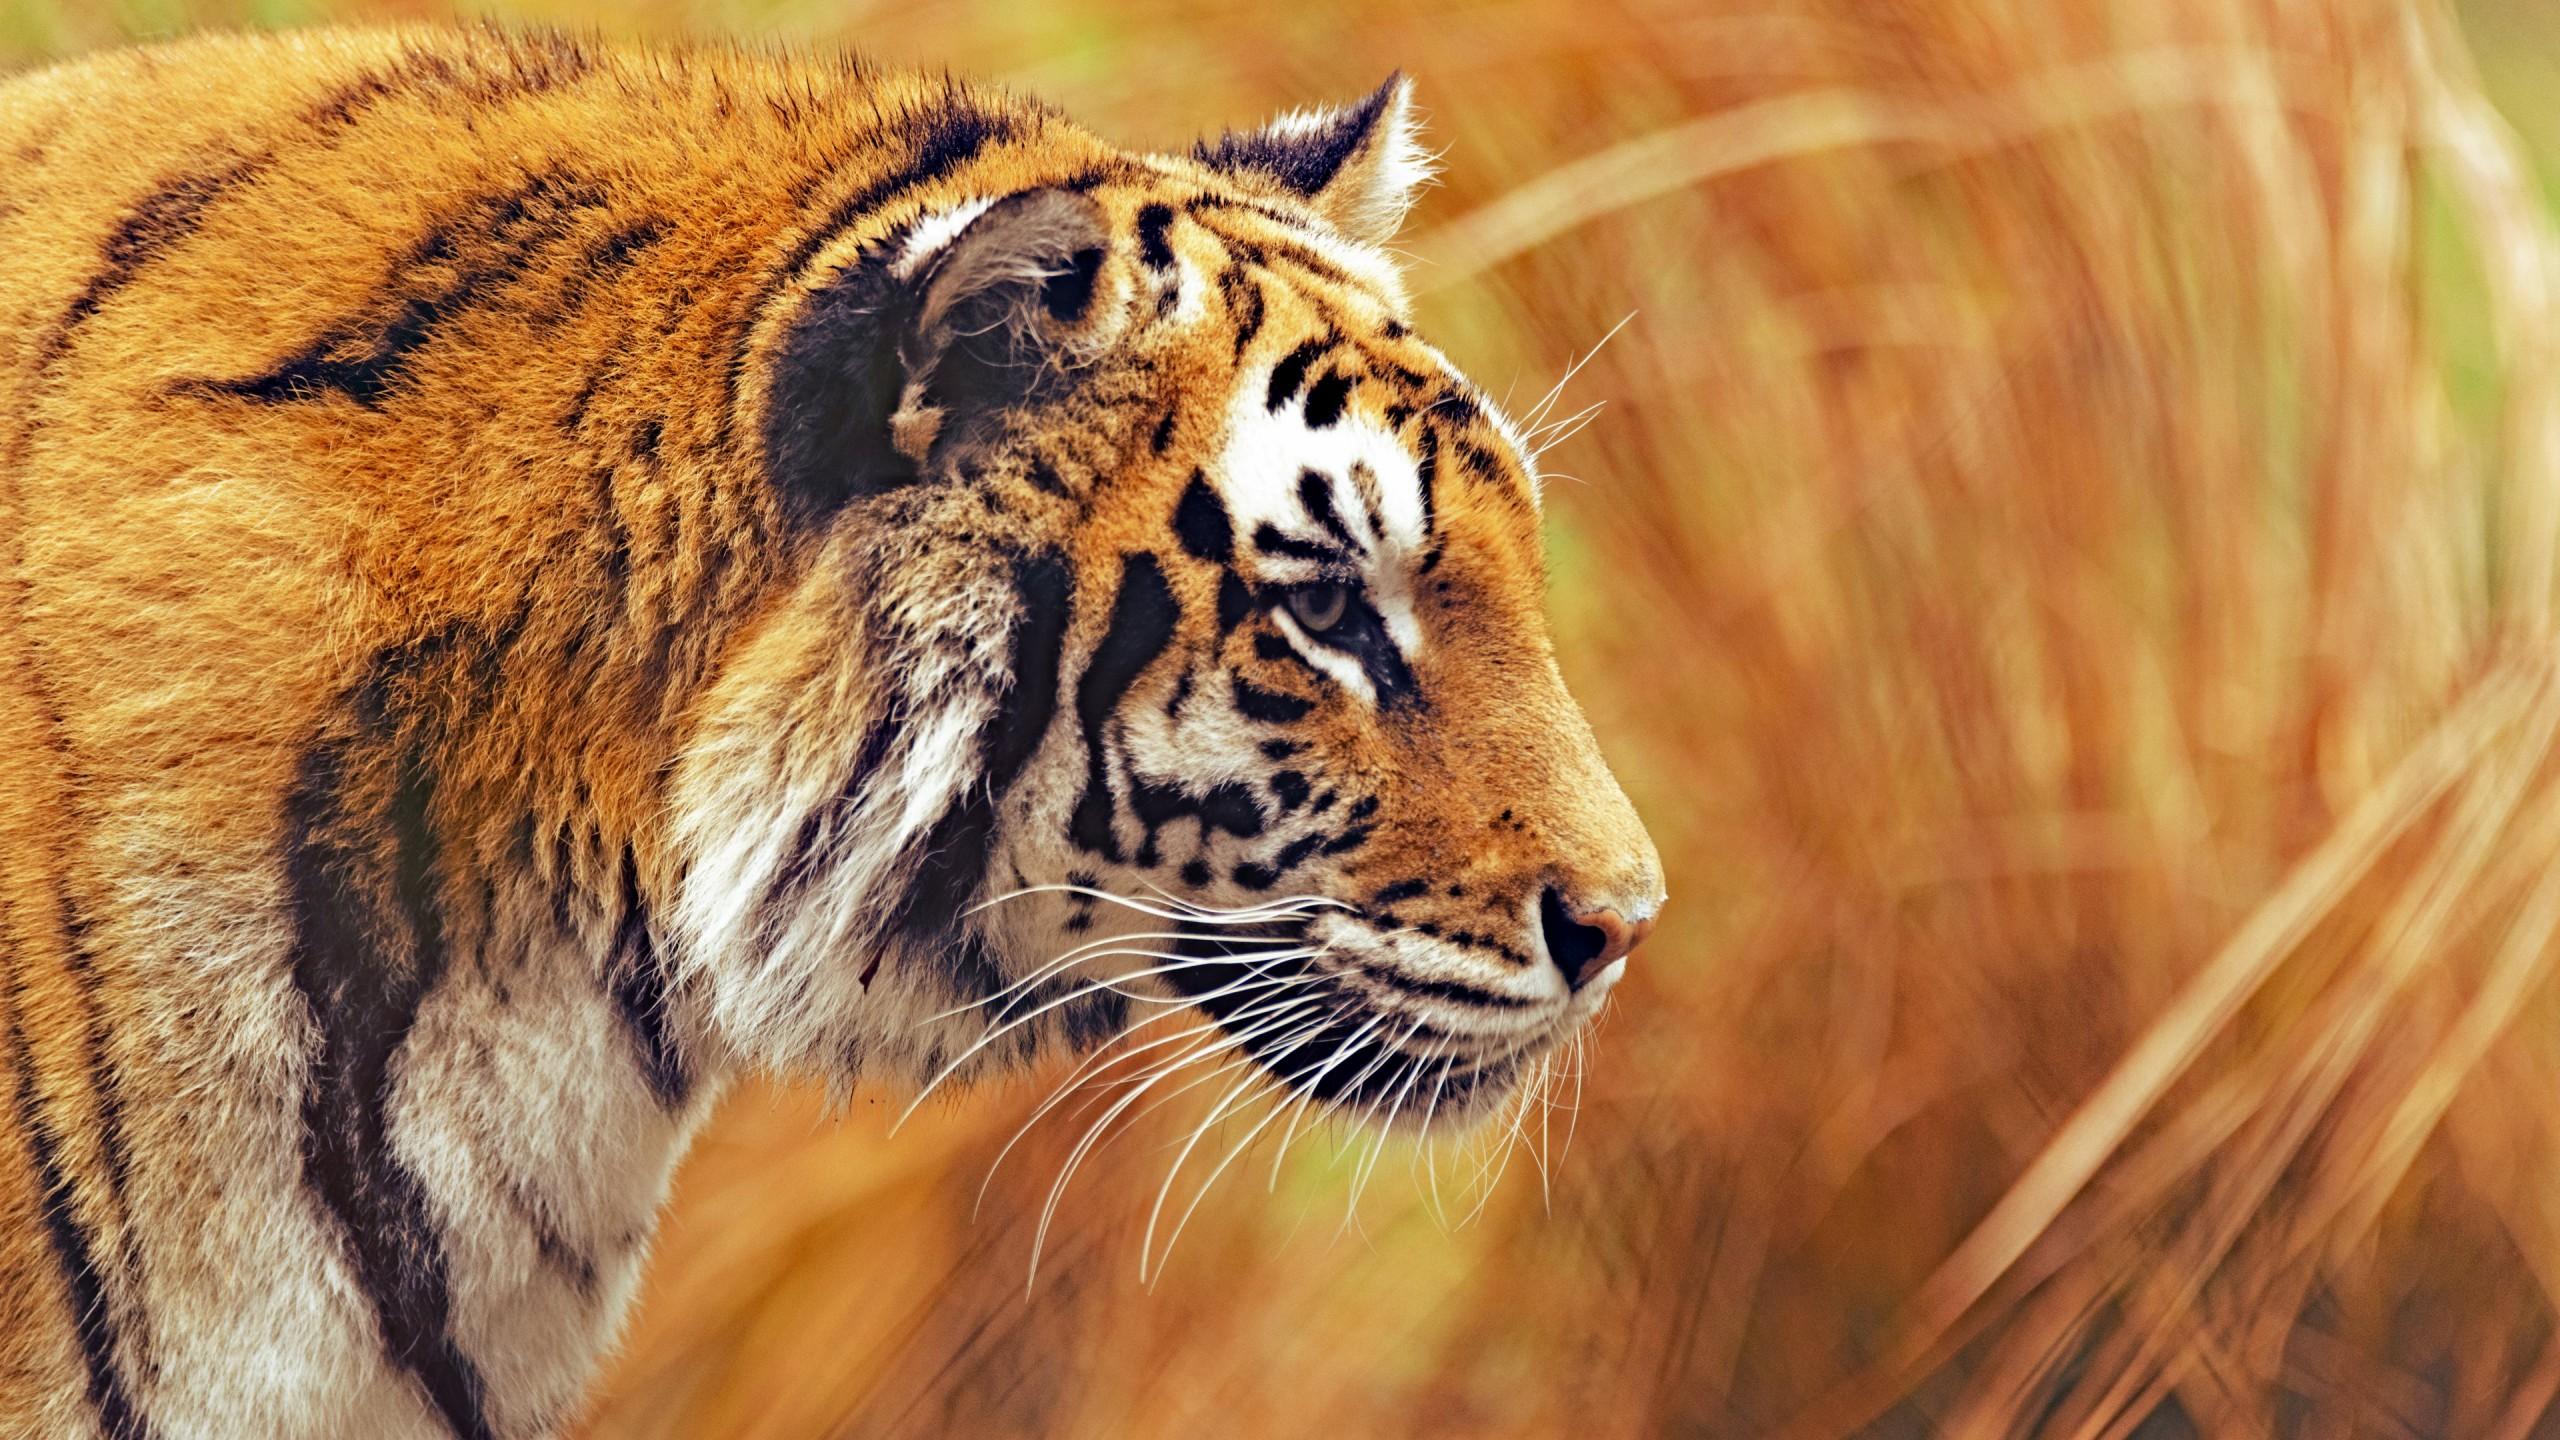 Hình nền con hổ cho máy tính đẹp nhất